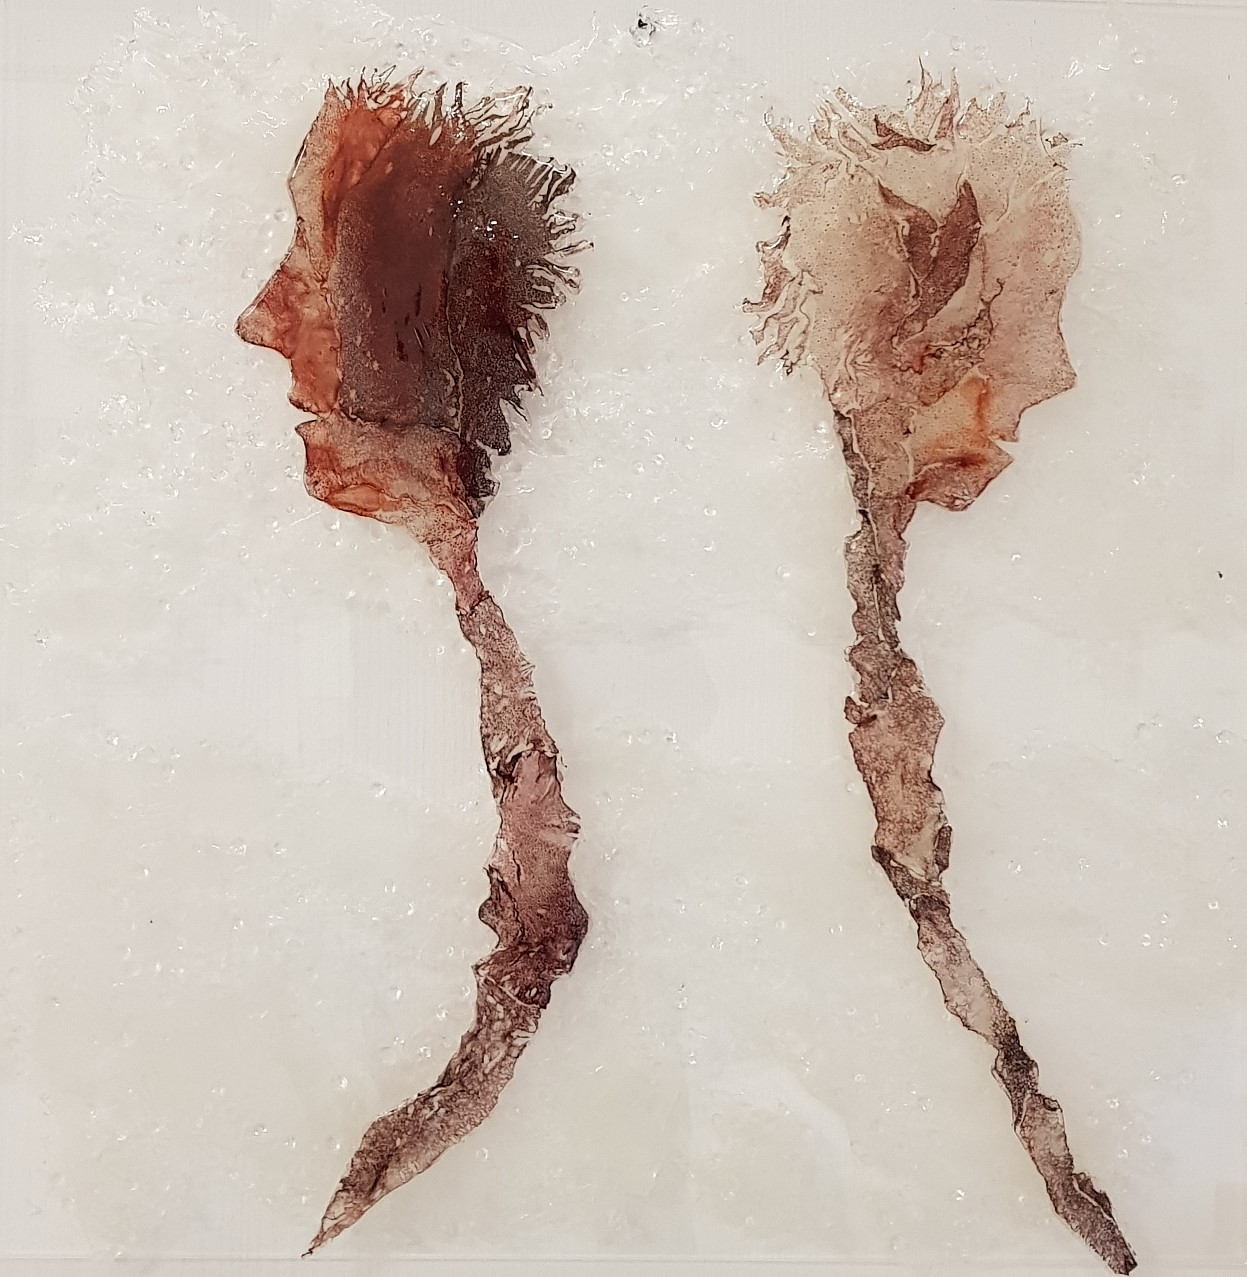 Indifferenza, gianni depaoli, mista su fibra, pelle e inchiostro di calamaro, resina, 70 x70 cm, anno 2019